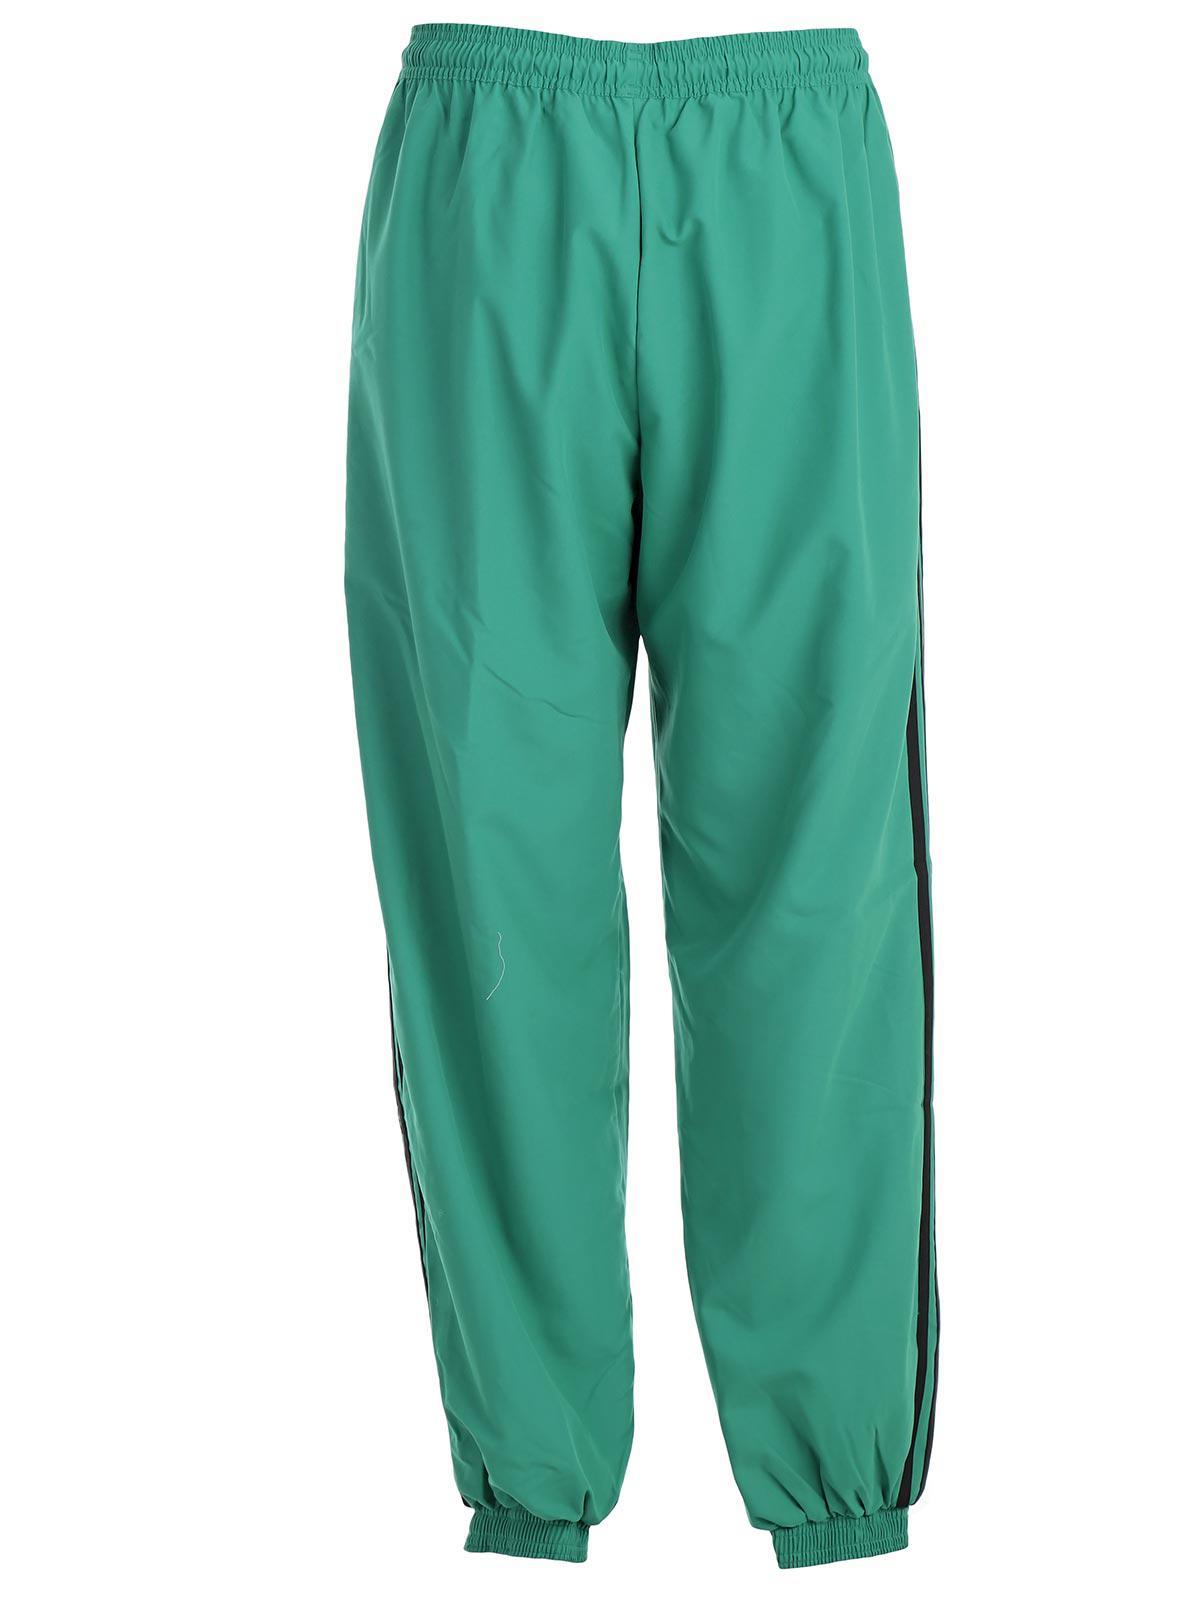 pantaloni adidas x gosha